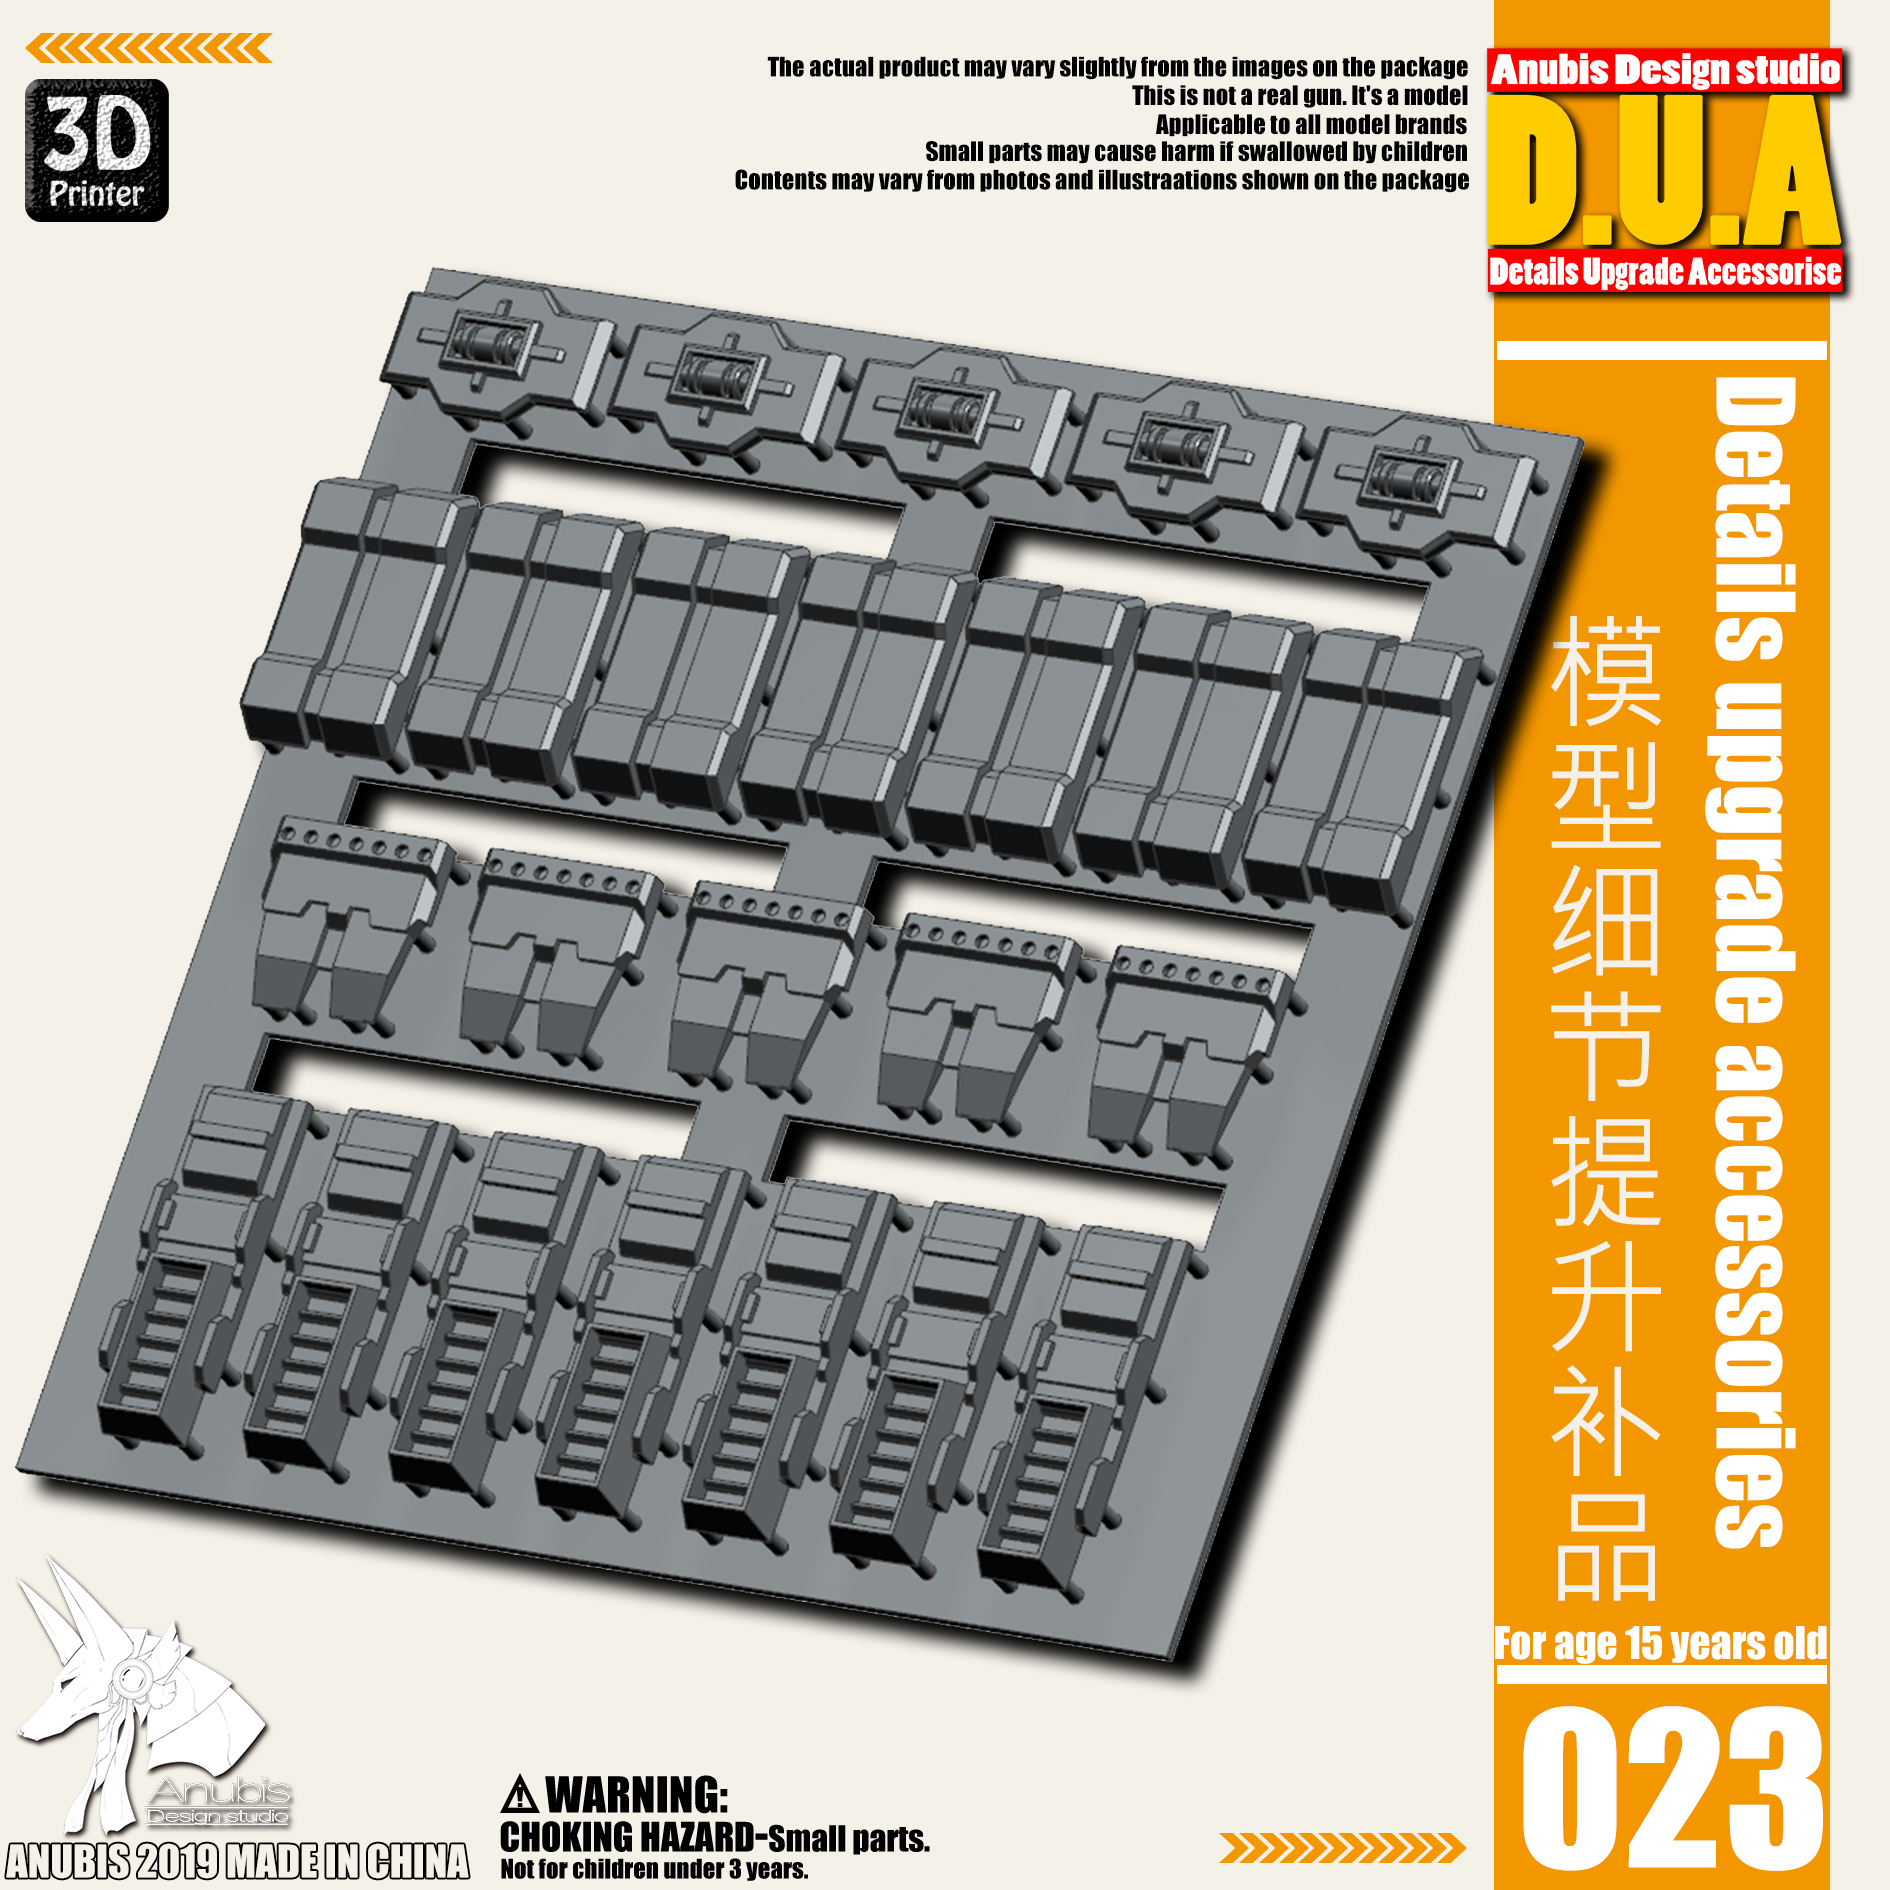 G413_DUA023_002.jpg